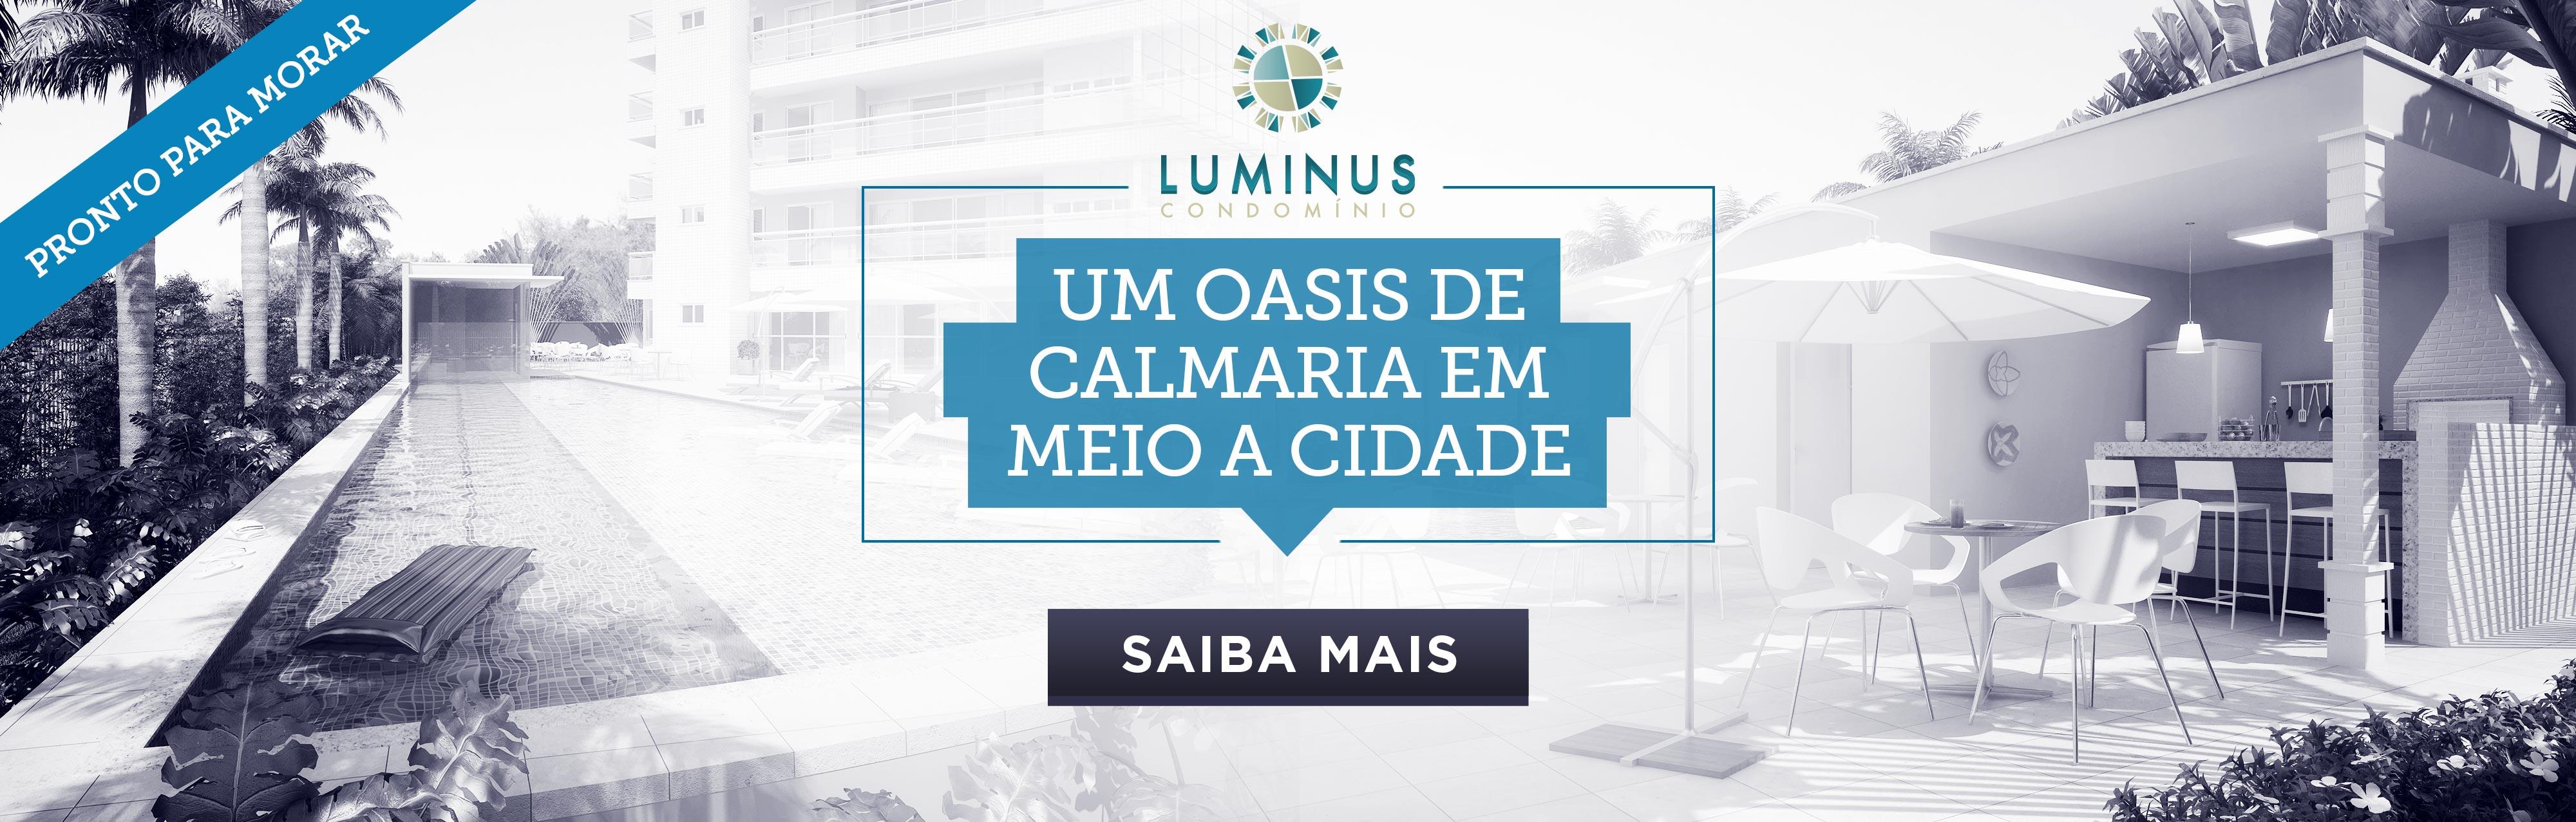 Banner-Luminus